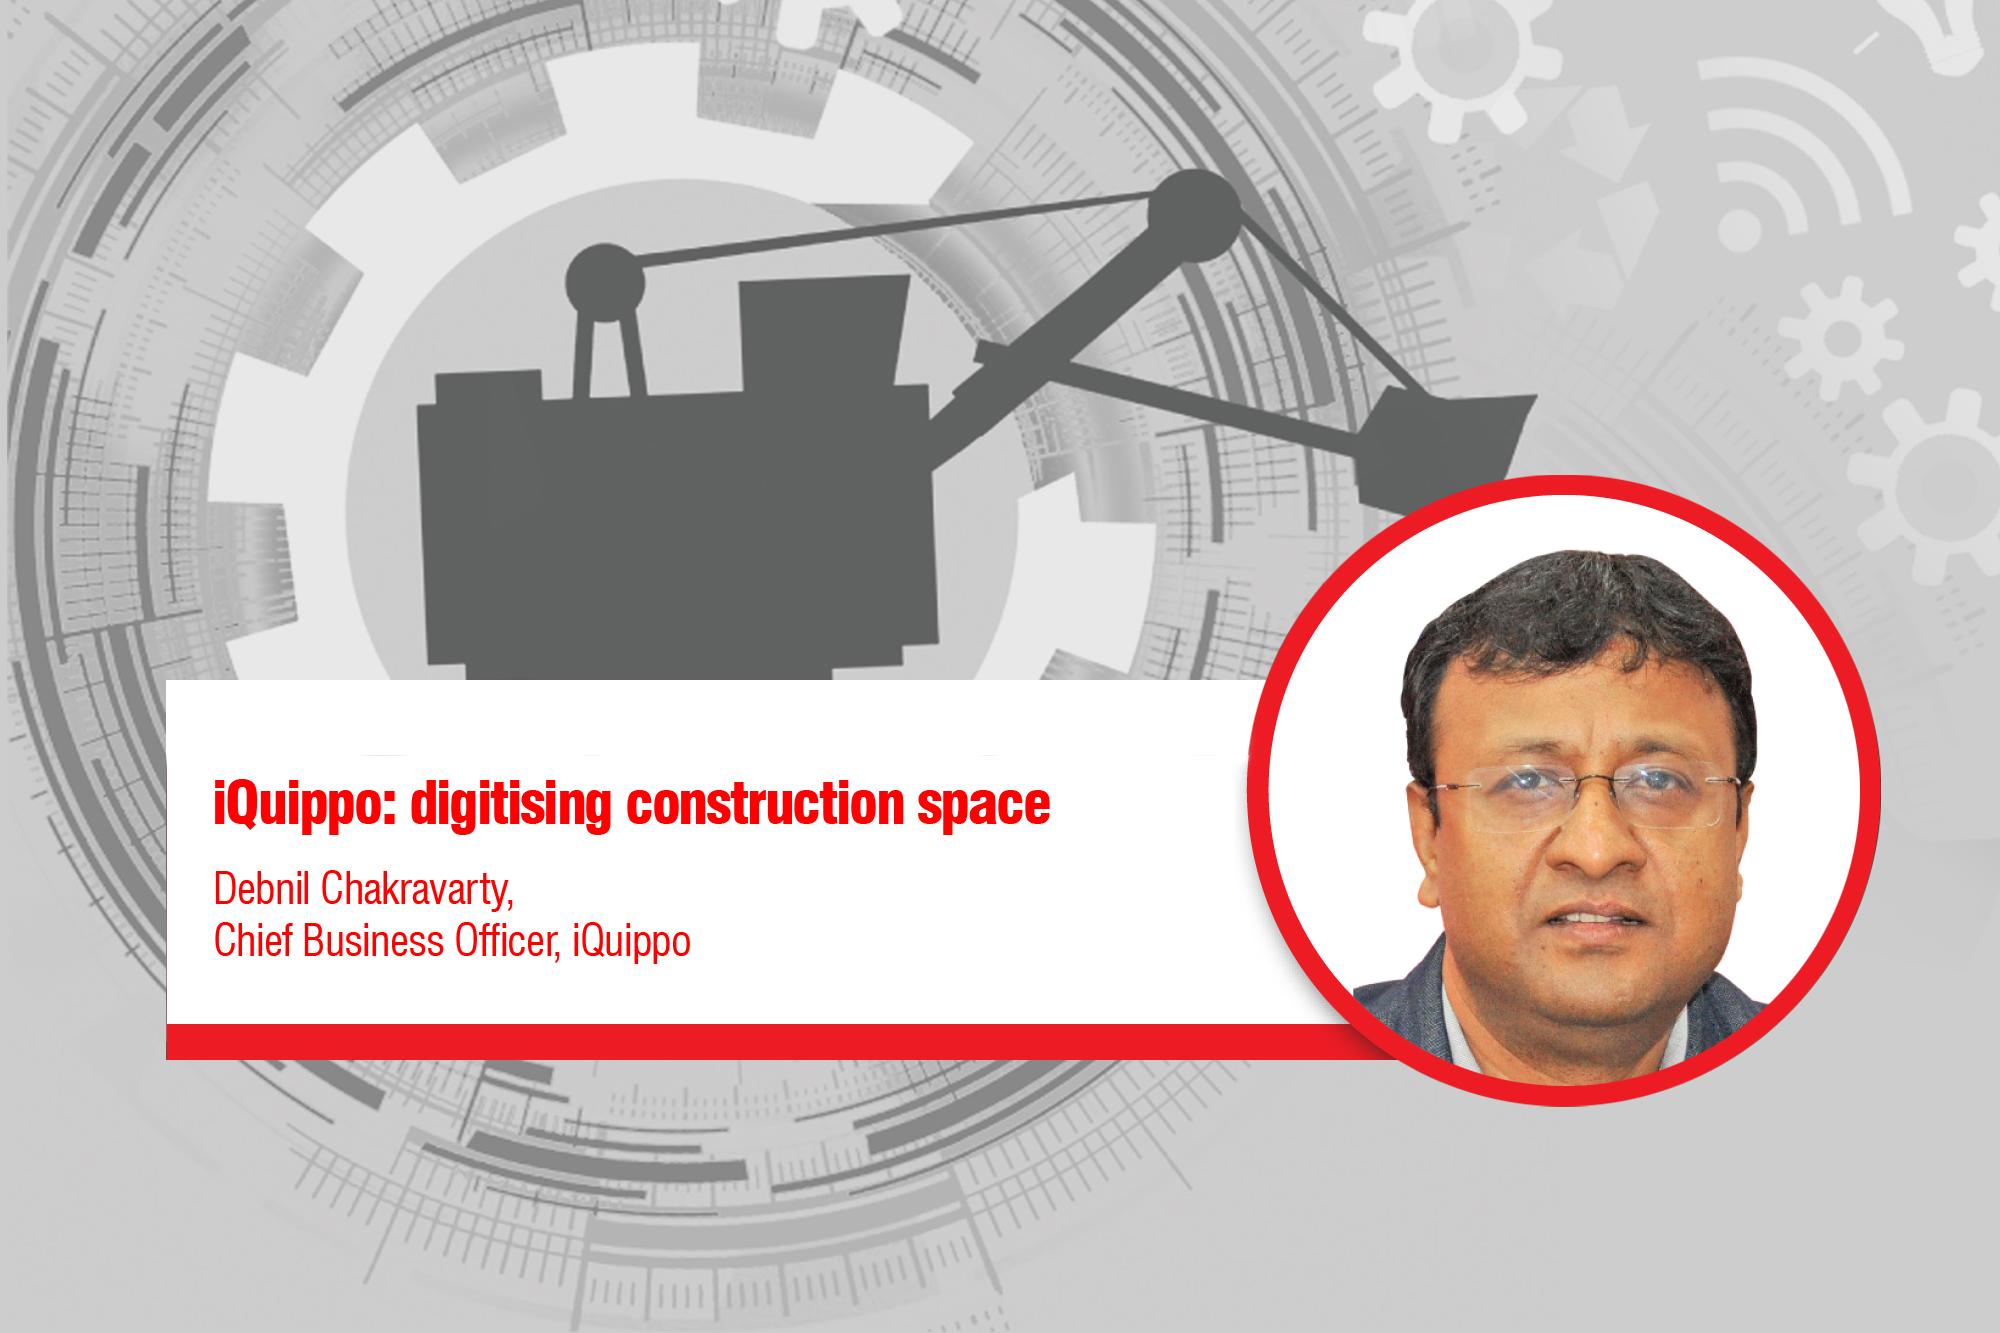 iQuippo: digitising construction space